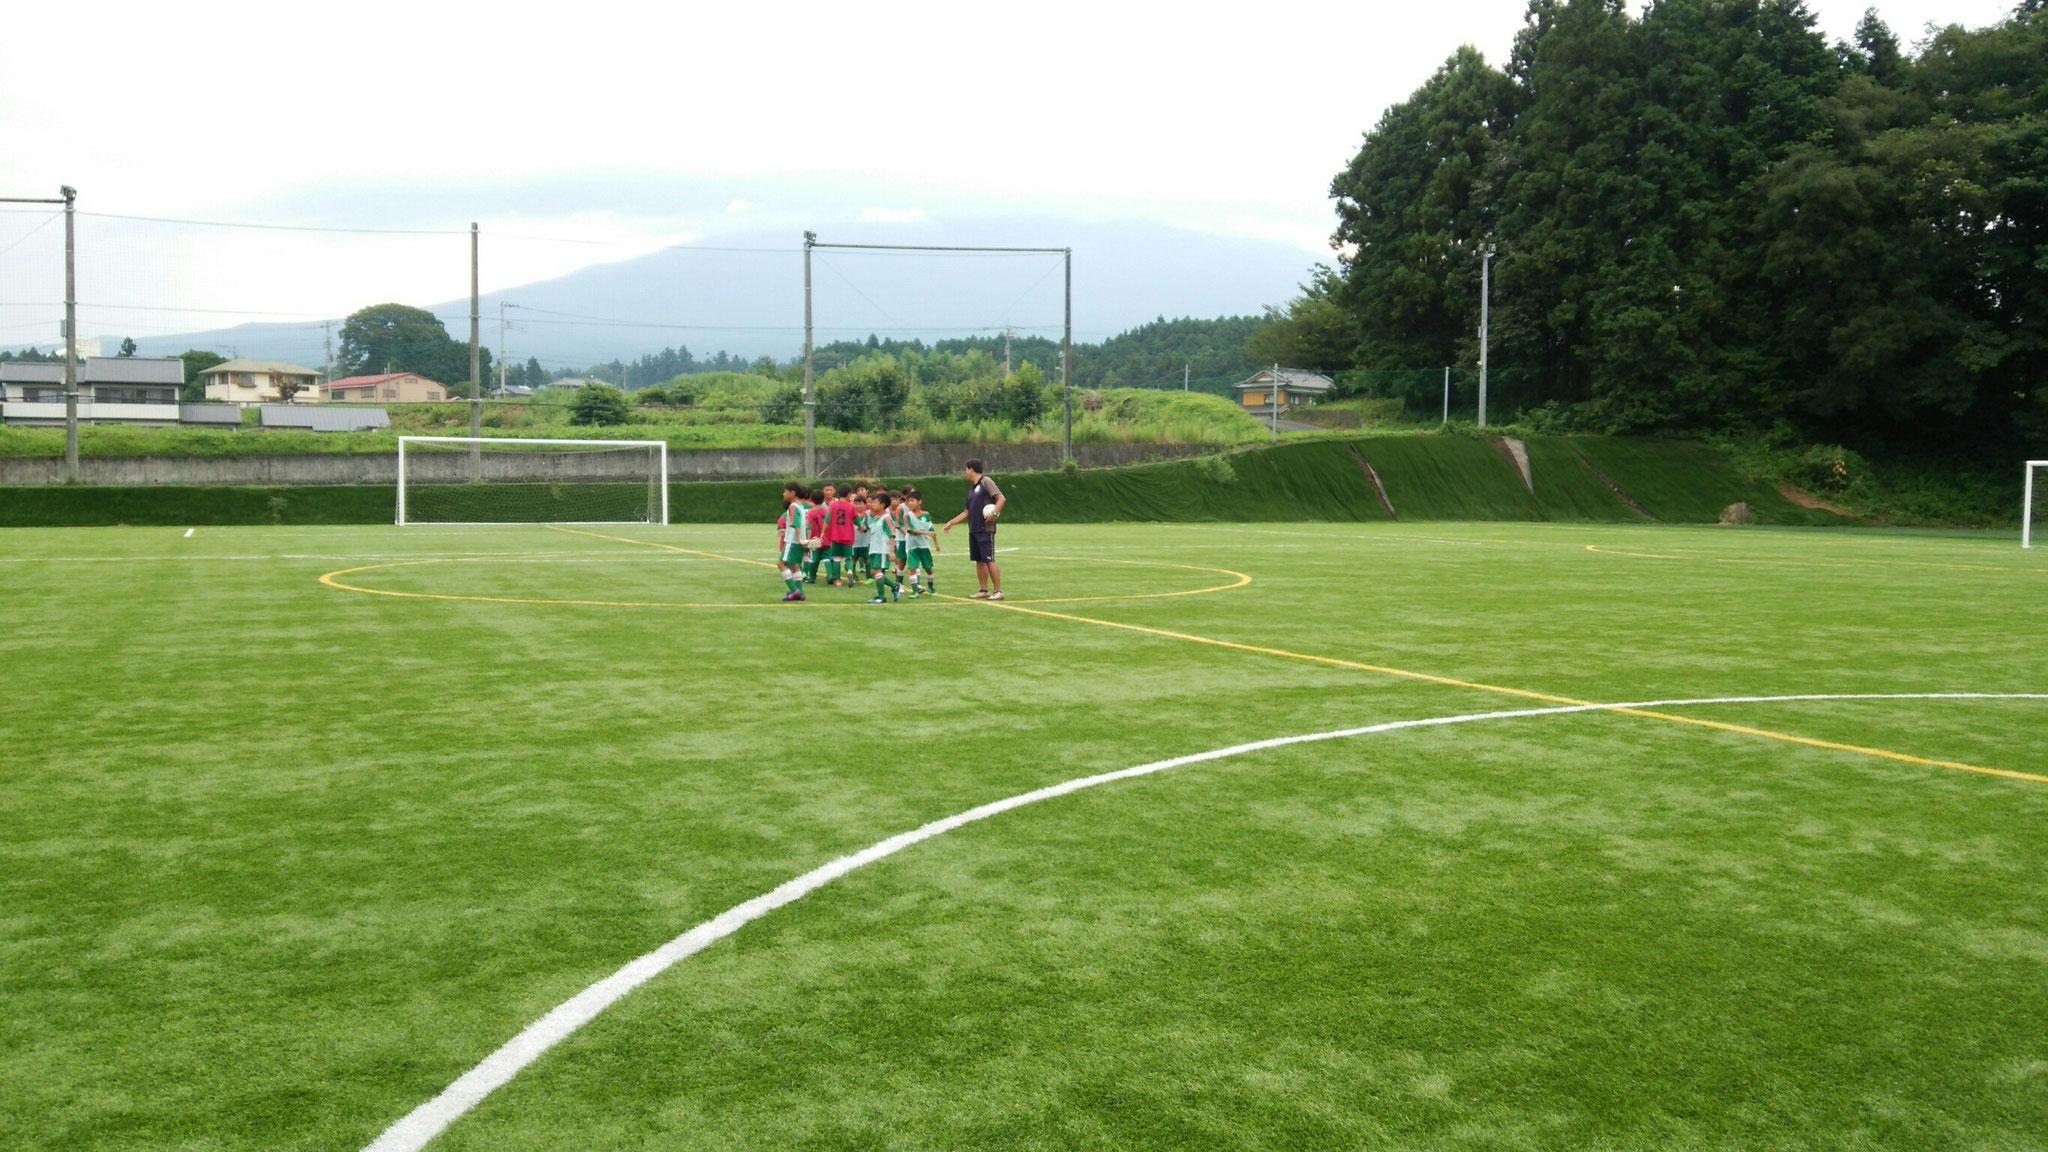 7/26 夏合宿最終日 Game Day